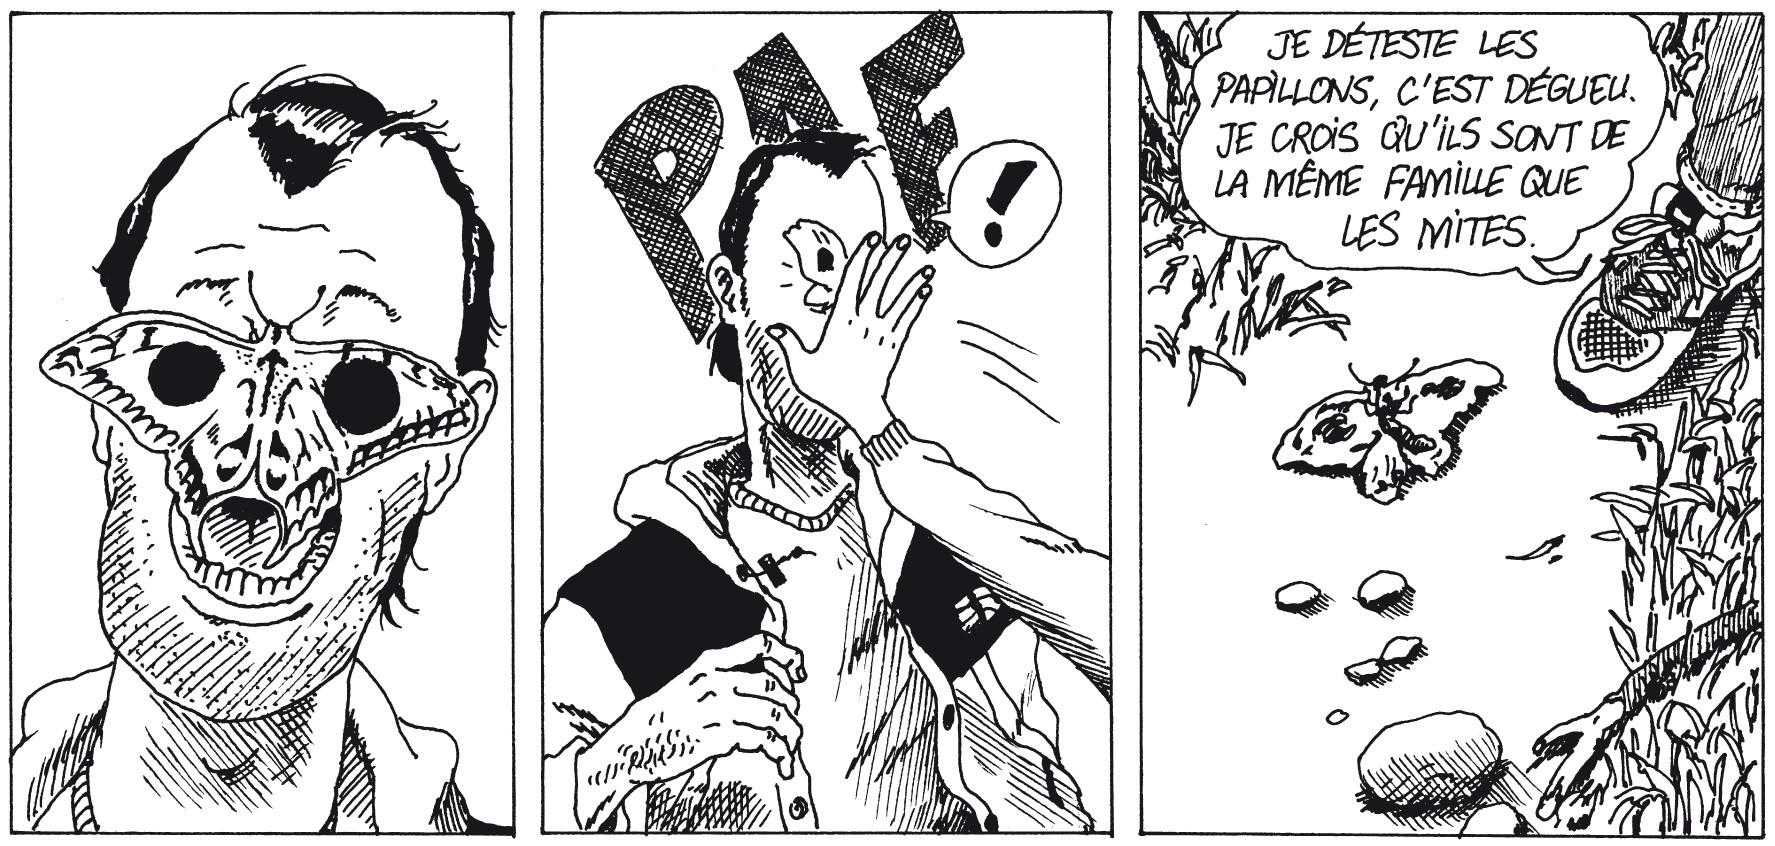 La trêve, chérie, de Thomas Gosselin et Isao Moutte